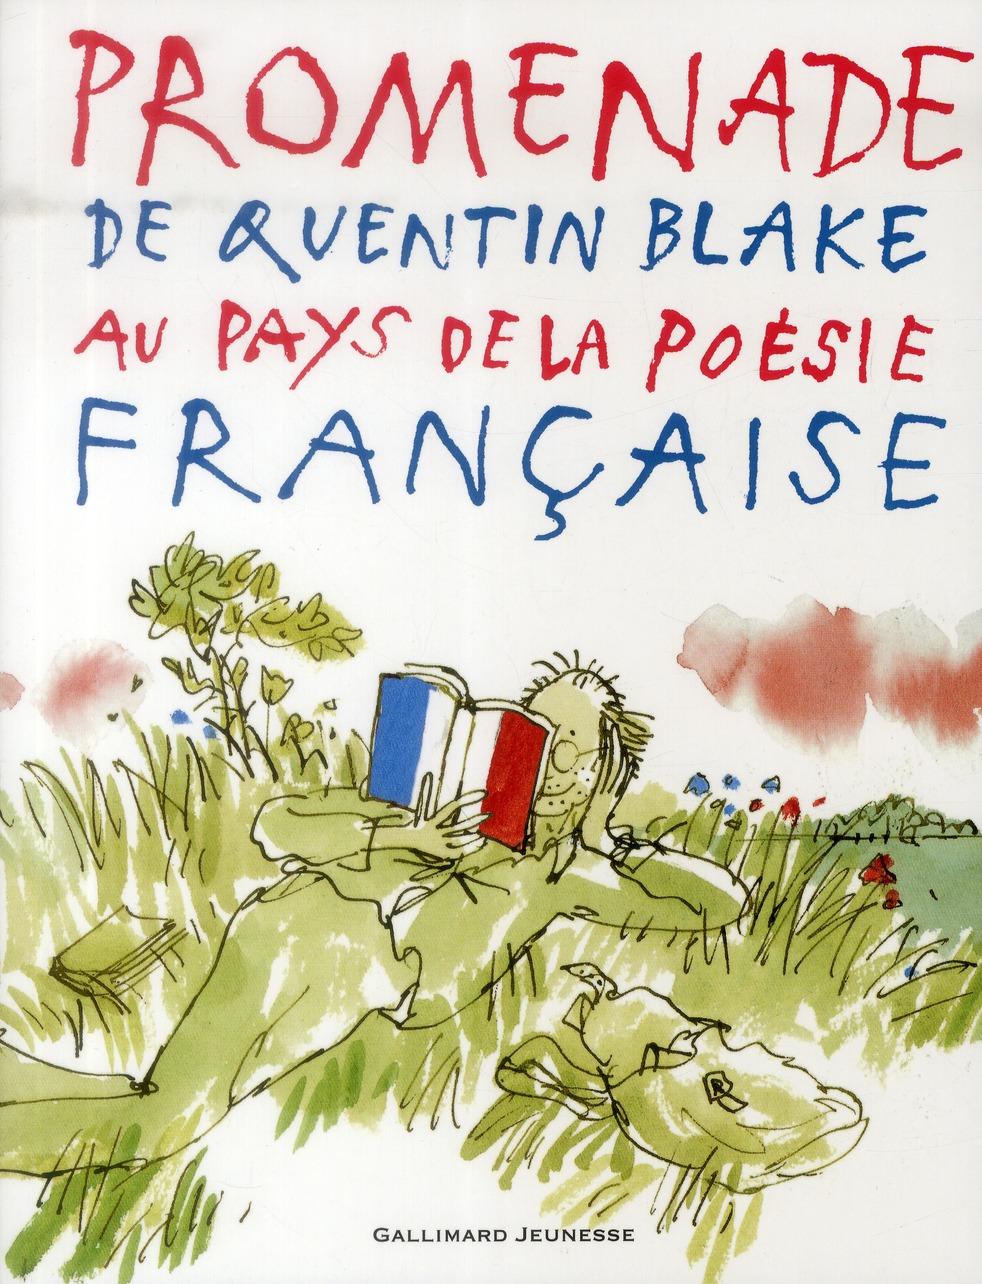 Promenade de Quentin Blake au pays de la poésie française